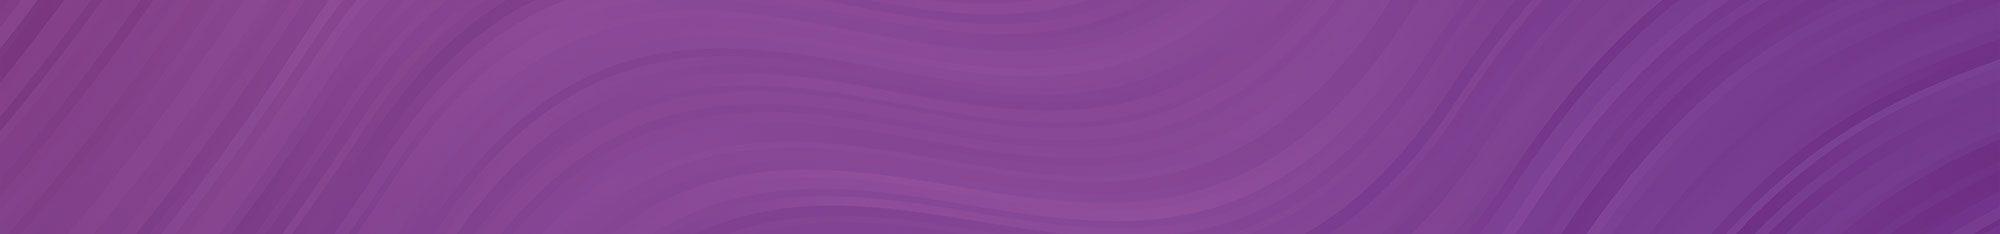 Purple Wavy Pattern